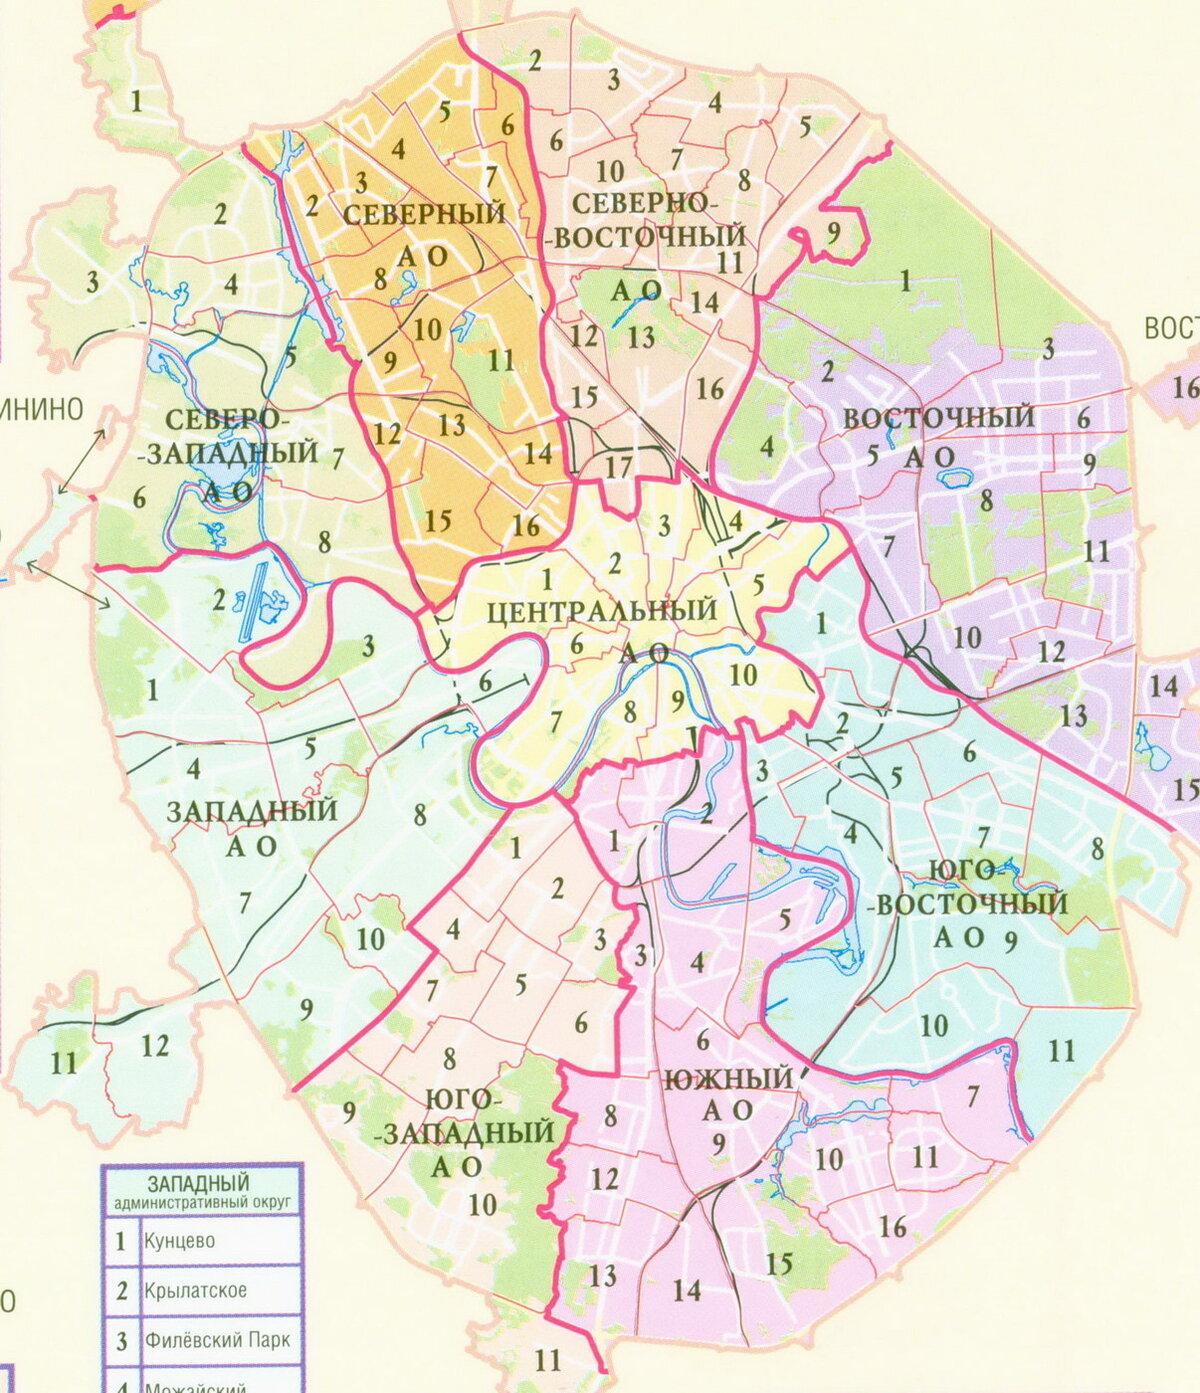 карта москвы с границами округов на картинке этом